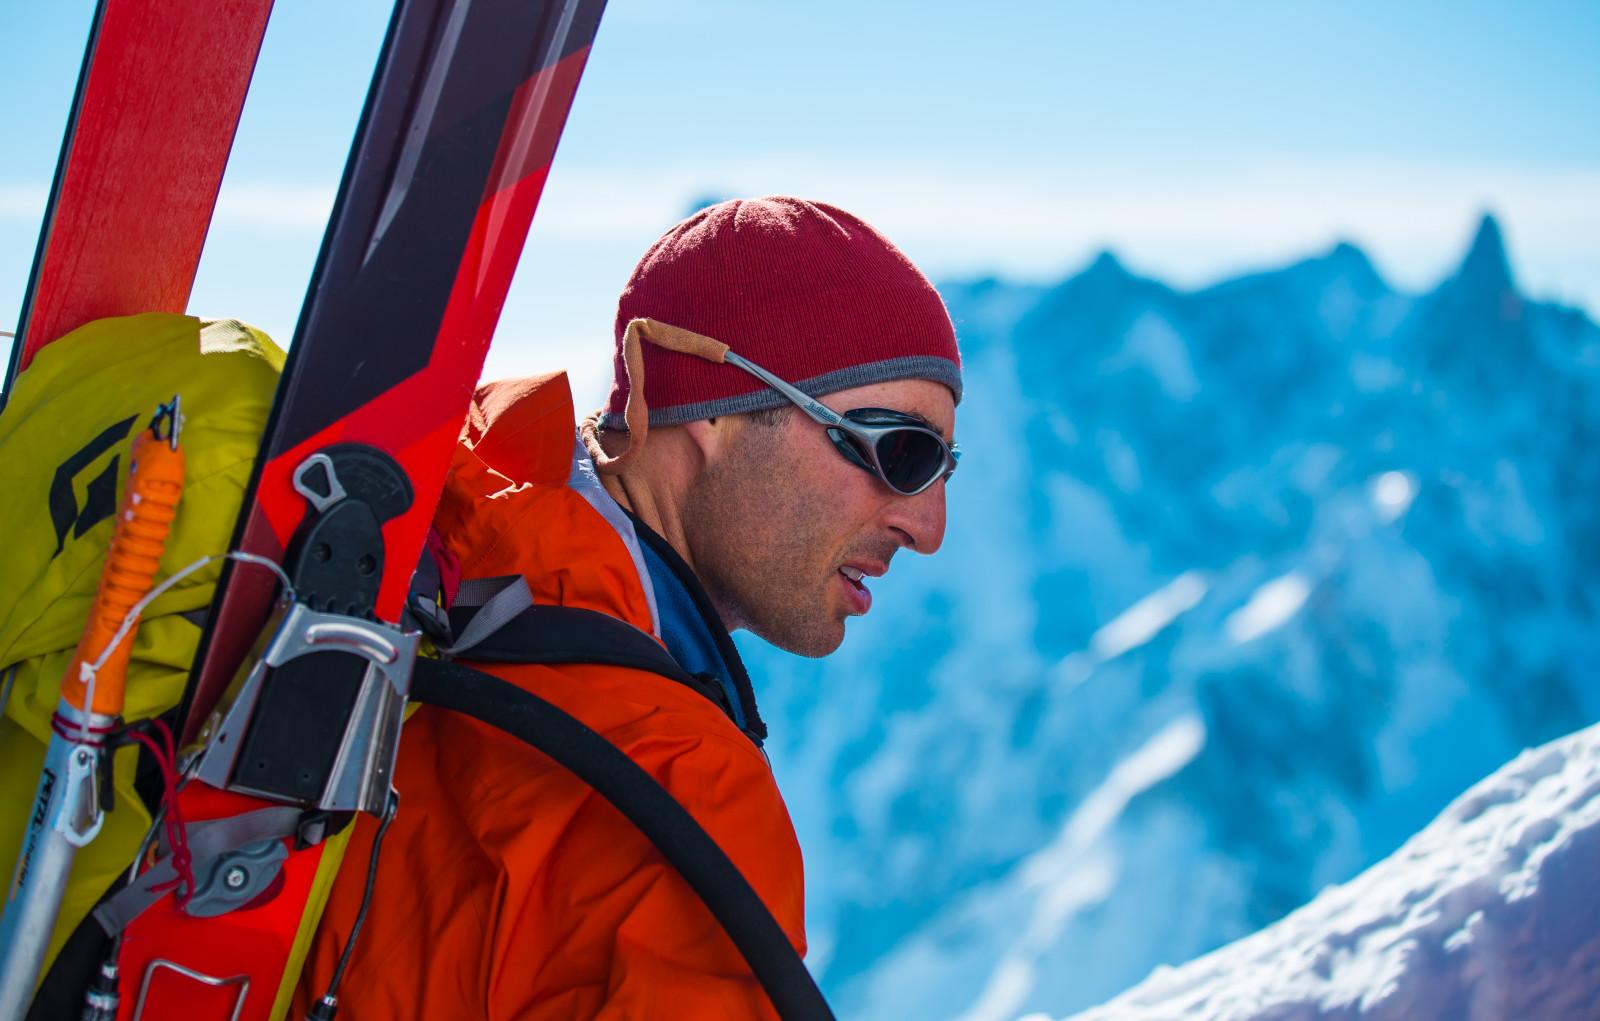 база отдыха, картинки с широким разрешением альпинисты в горах будет реакции